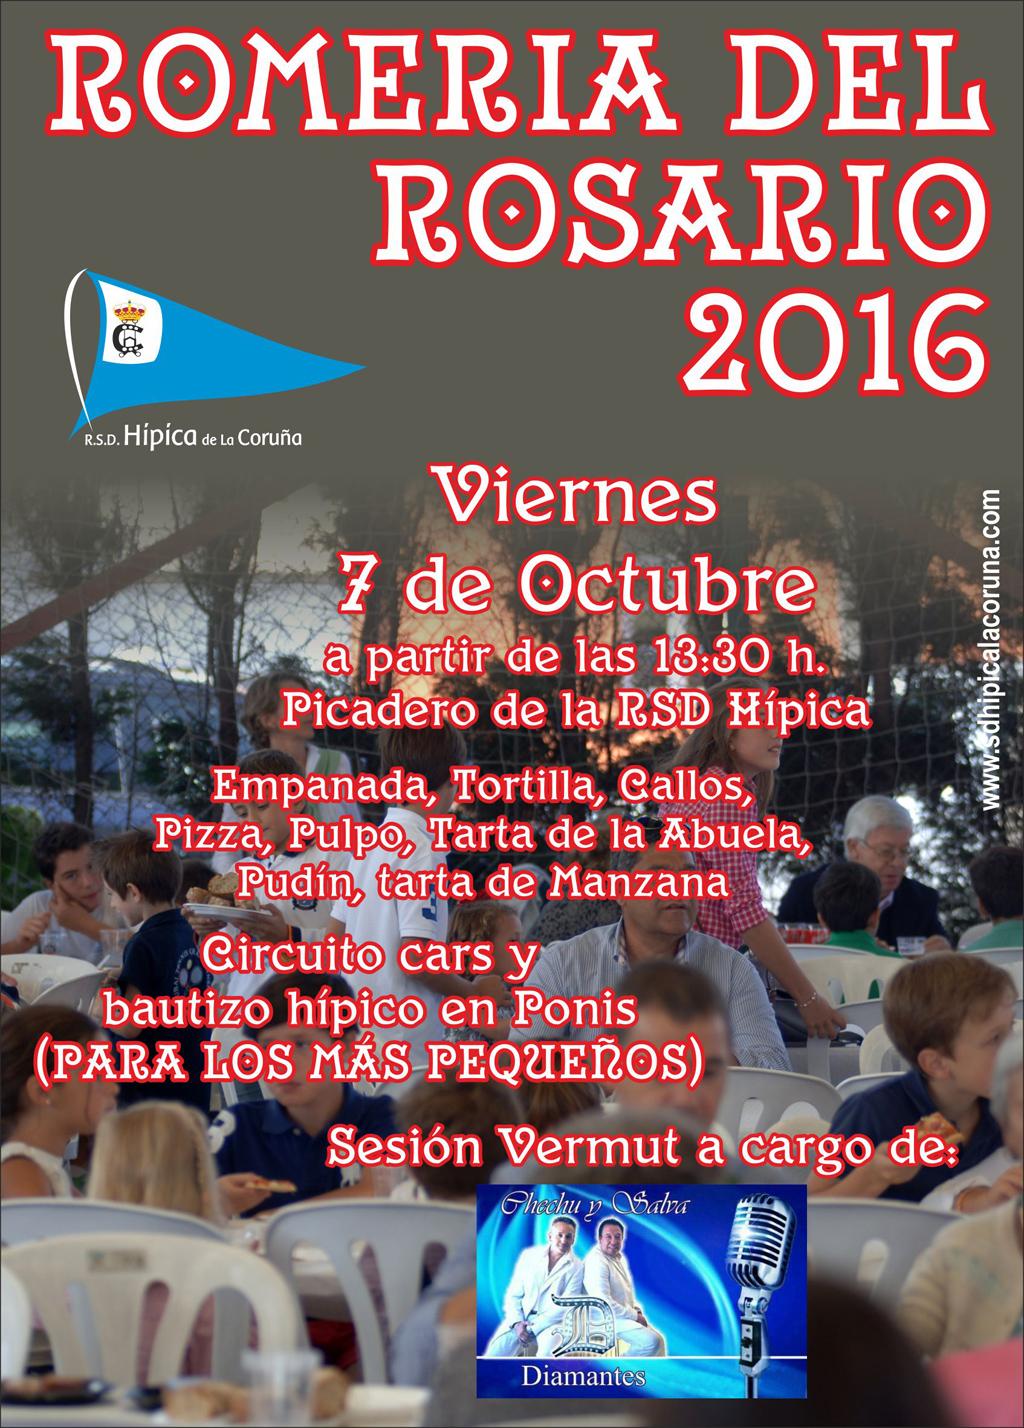 rosario2016b